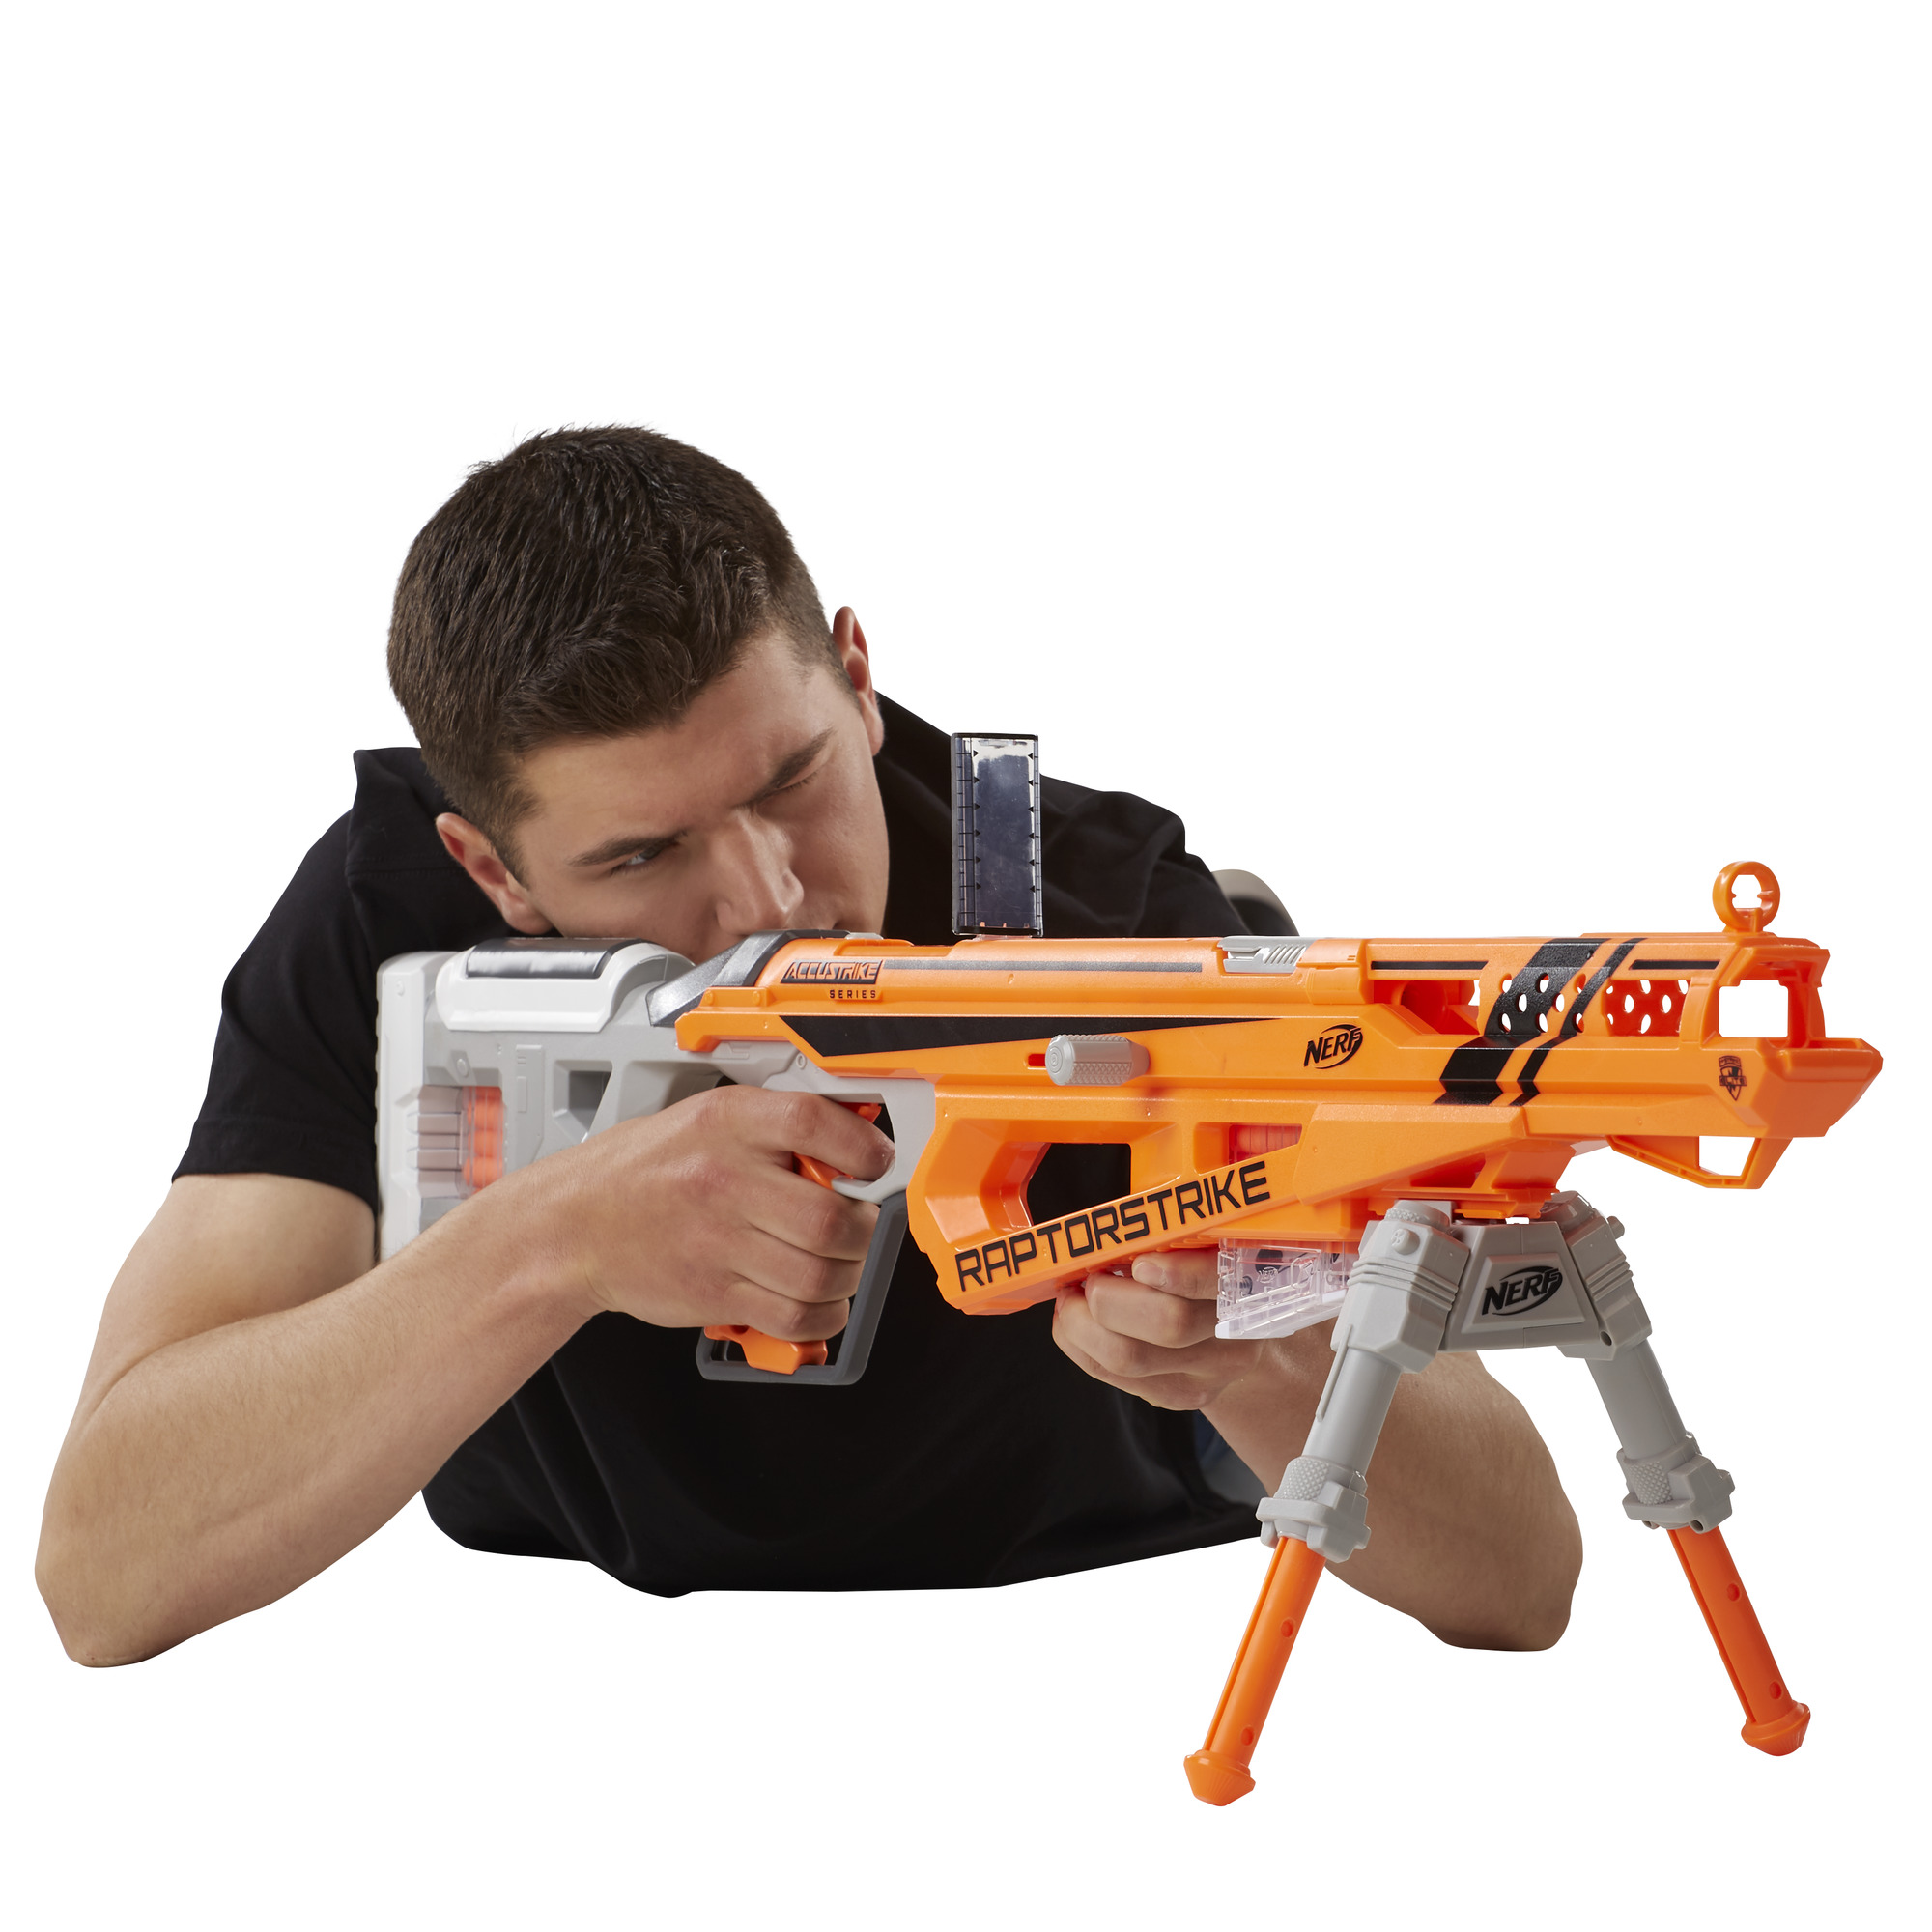 Nerf N-Strike Elite AccuStrike RaptorStrike - Walmart com